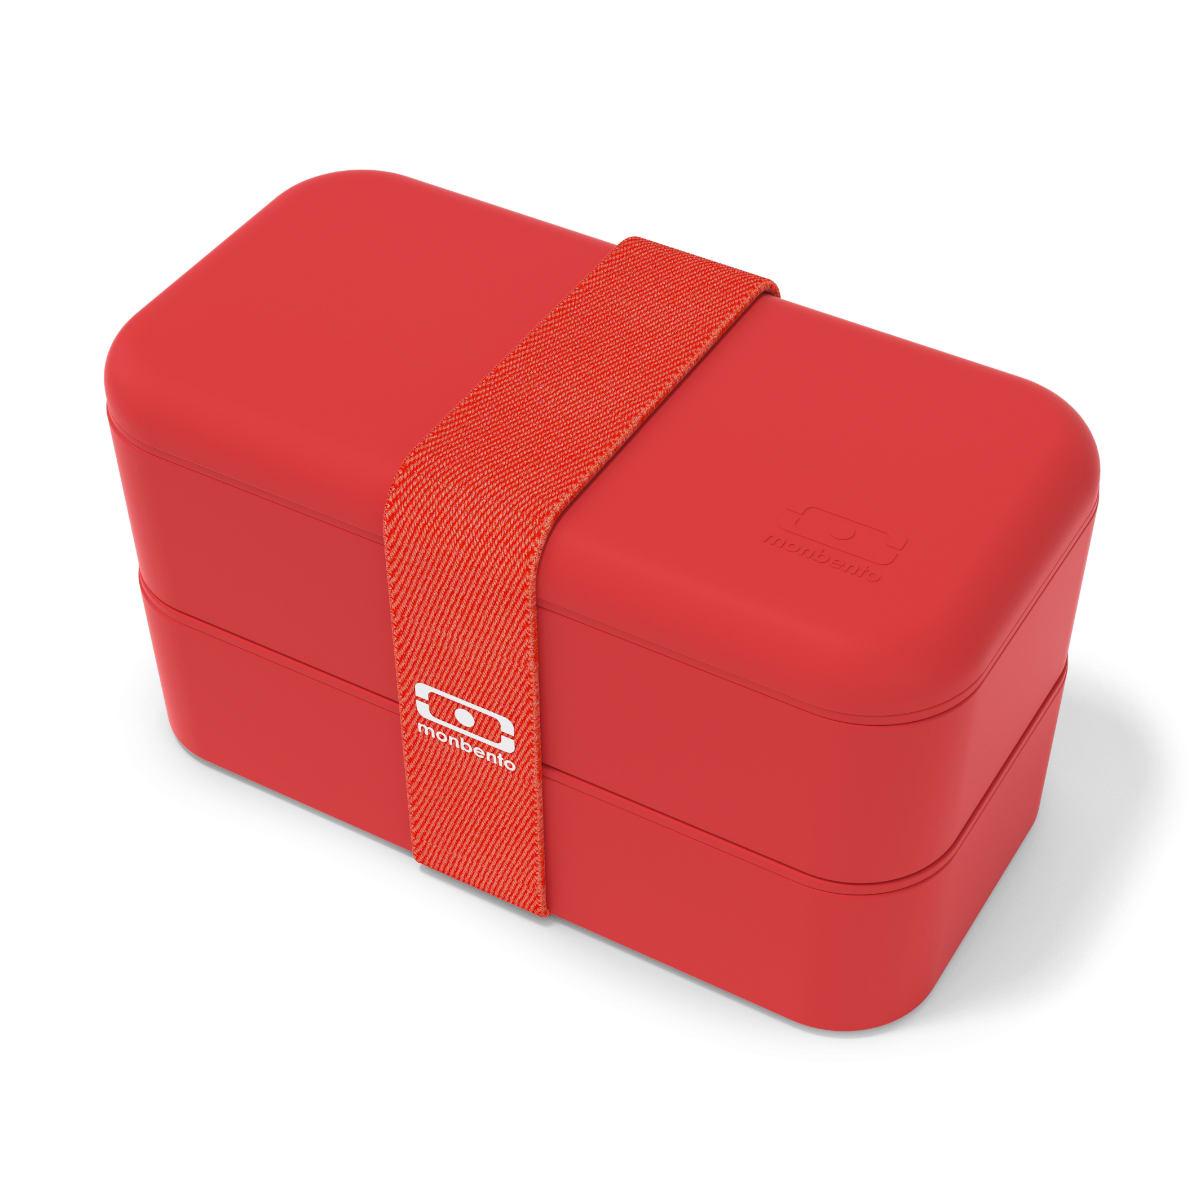 Bento rouge podium 1L